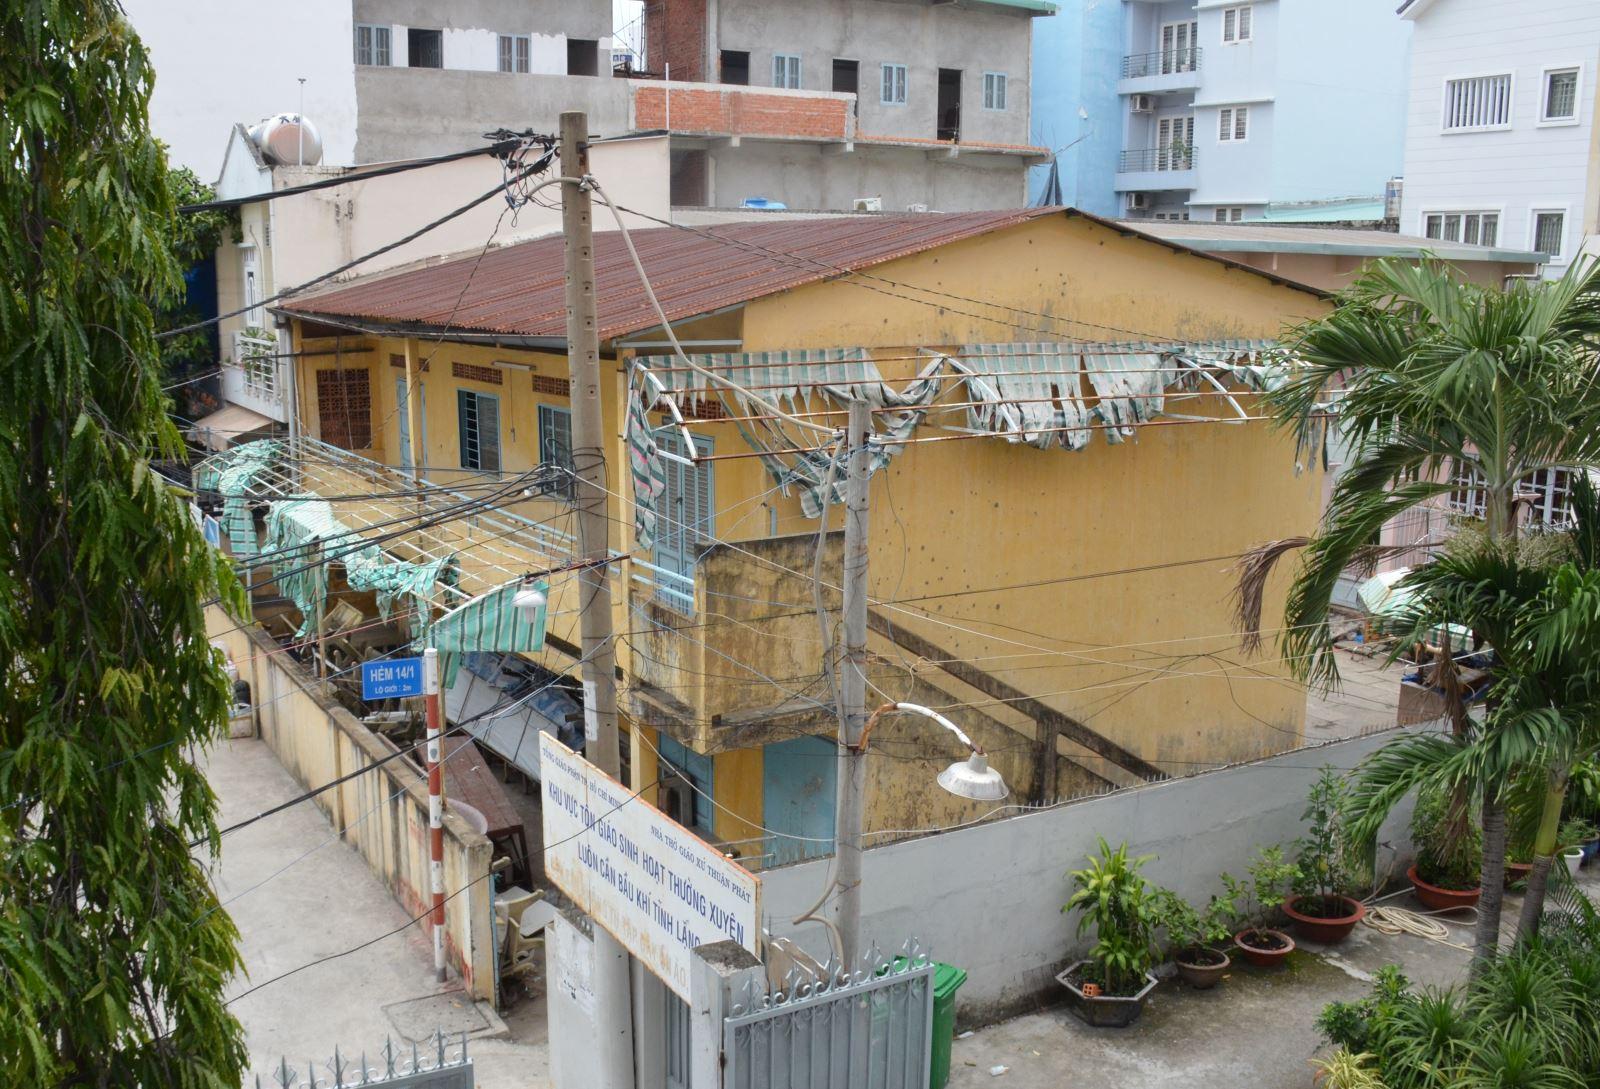 UBND TPHCM Trao tặng phòng học cho giáo xứ Thuận Phát